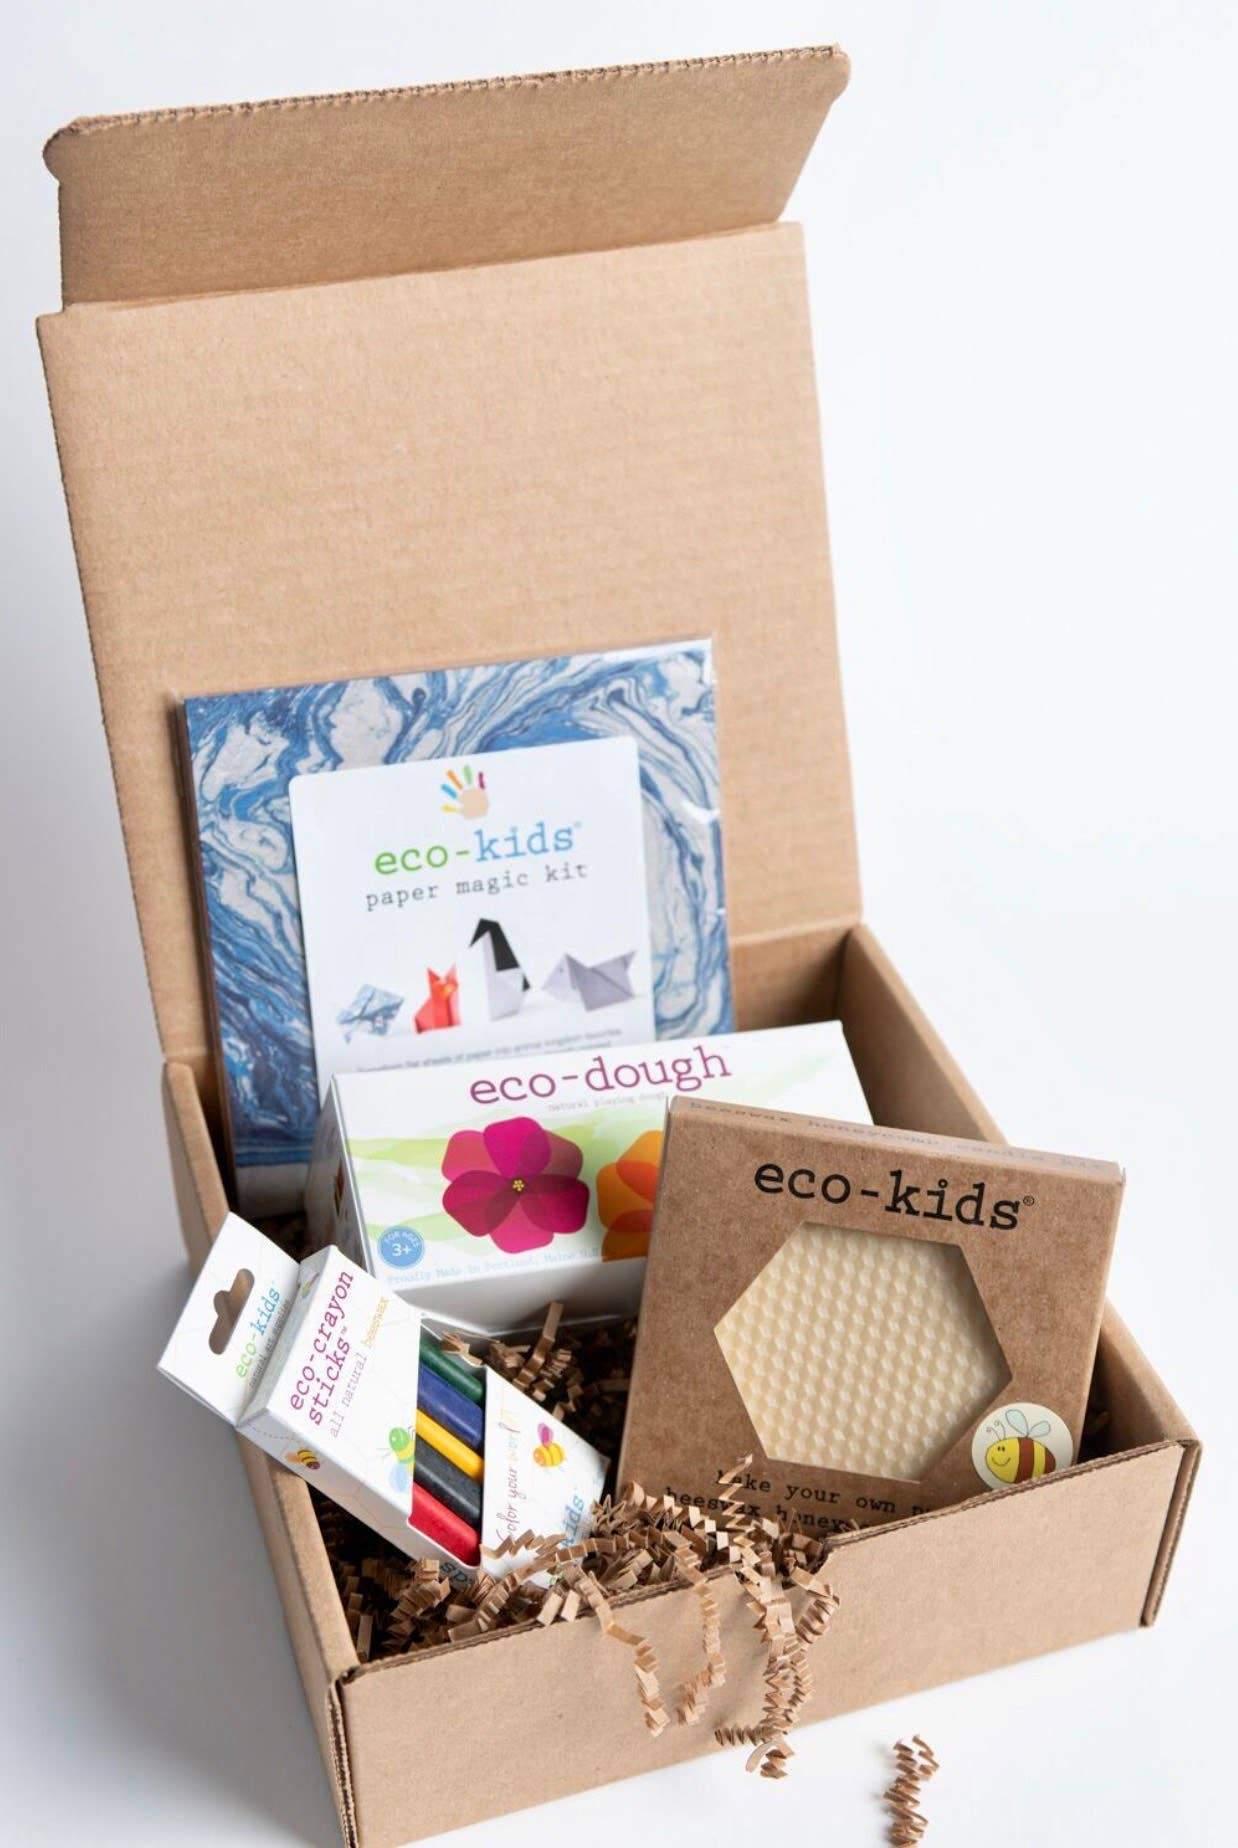 EcoKids' Busy Box